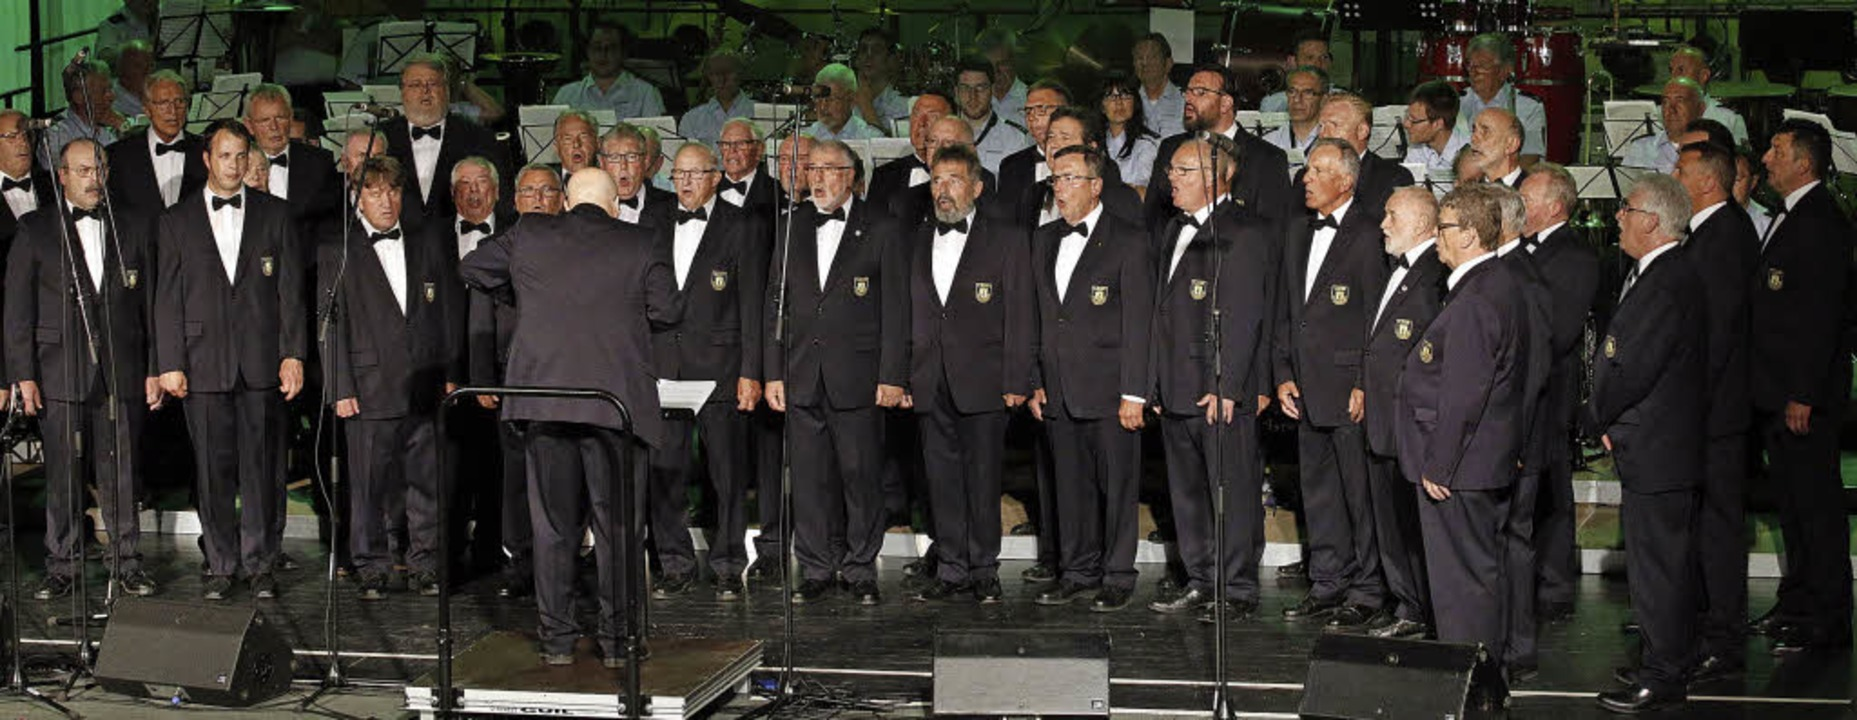 Der Lahrer Polizeichor macht den Auftakt beim Konzert in der Stadthalle.   | Foto: Heidi Fössel